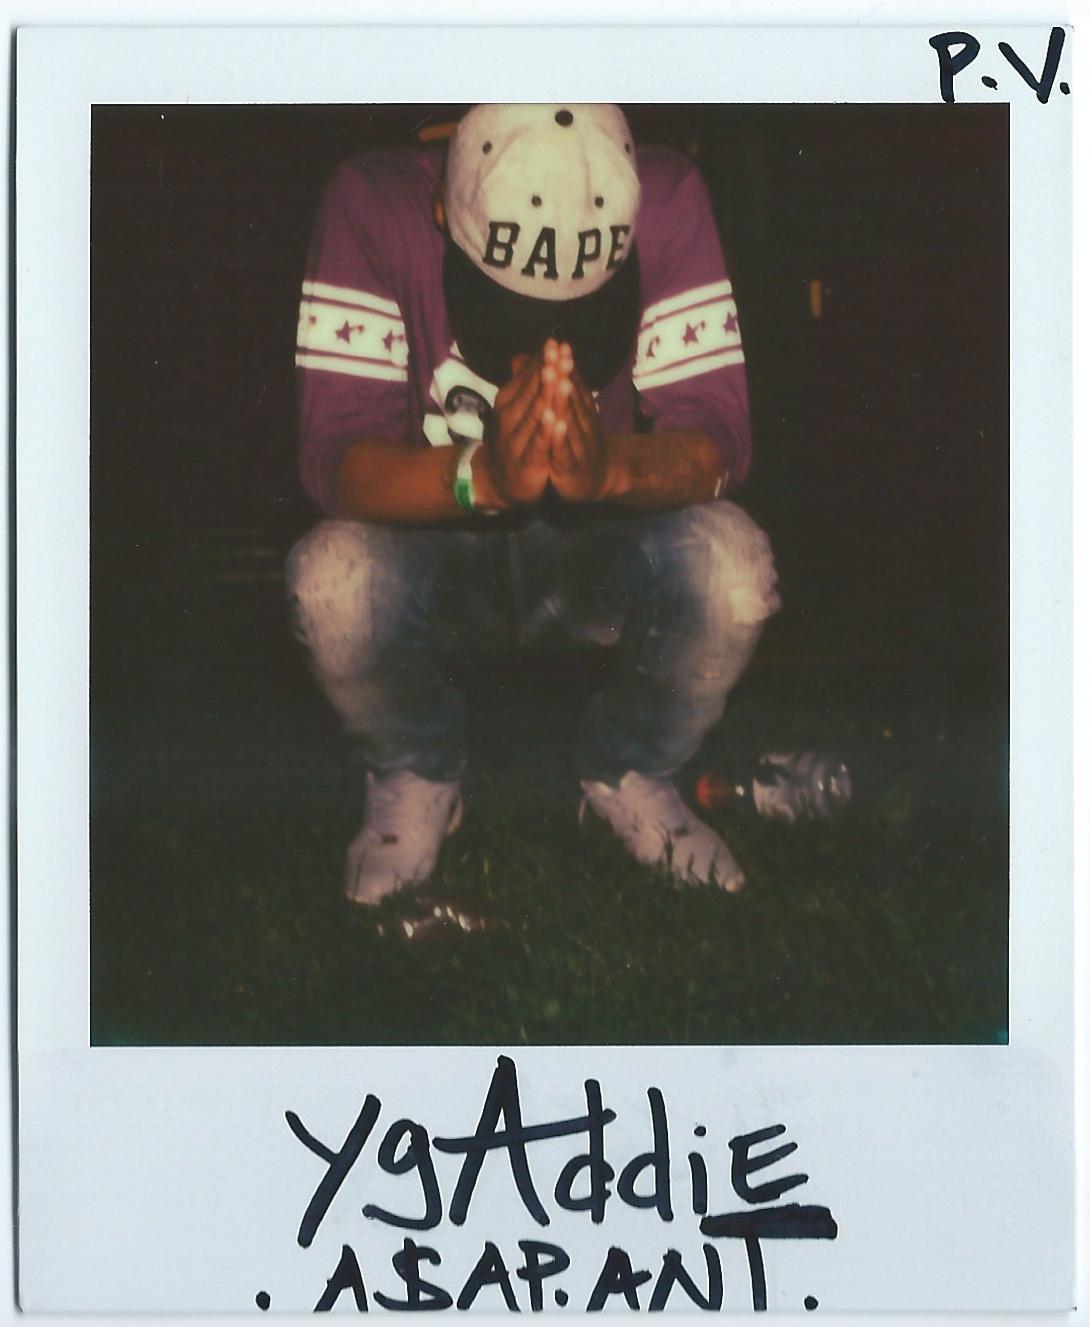 YG.ADDIE.